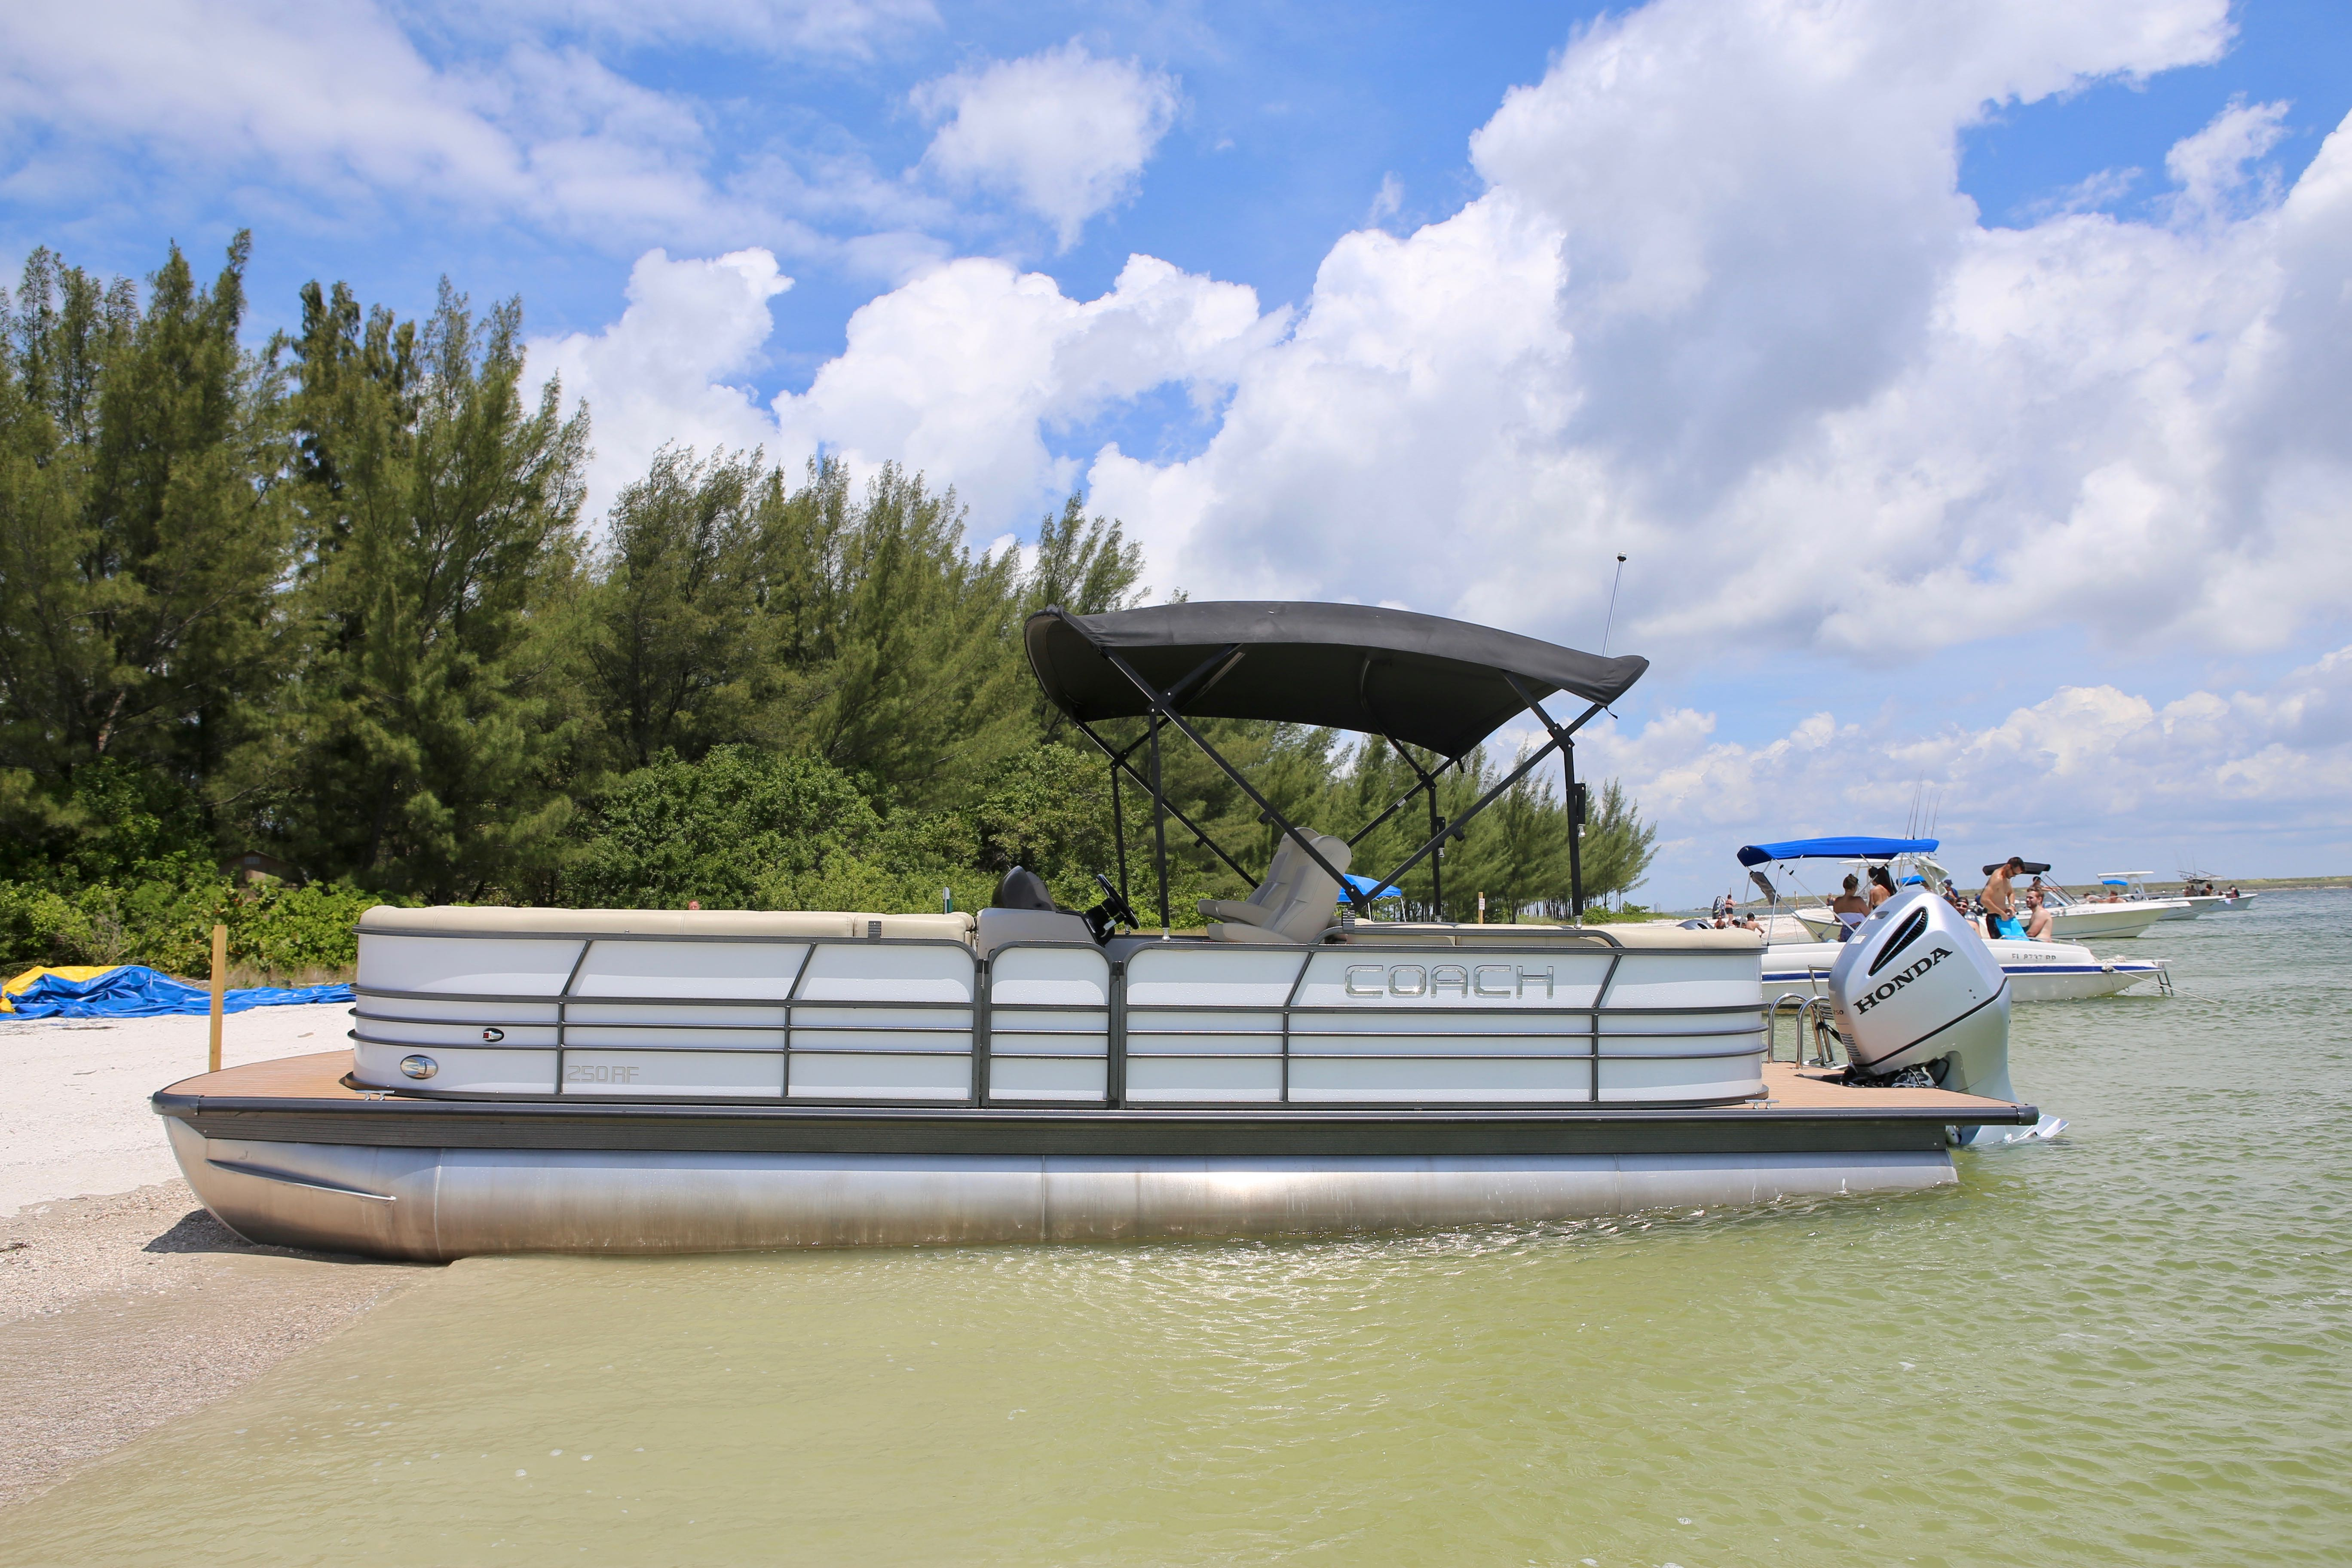 boat pic 3 - 1.jpg